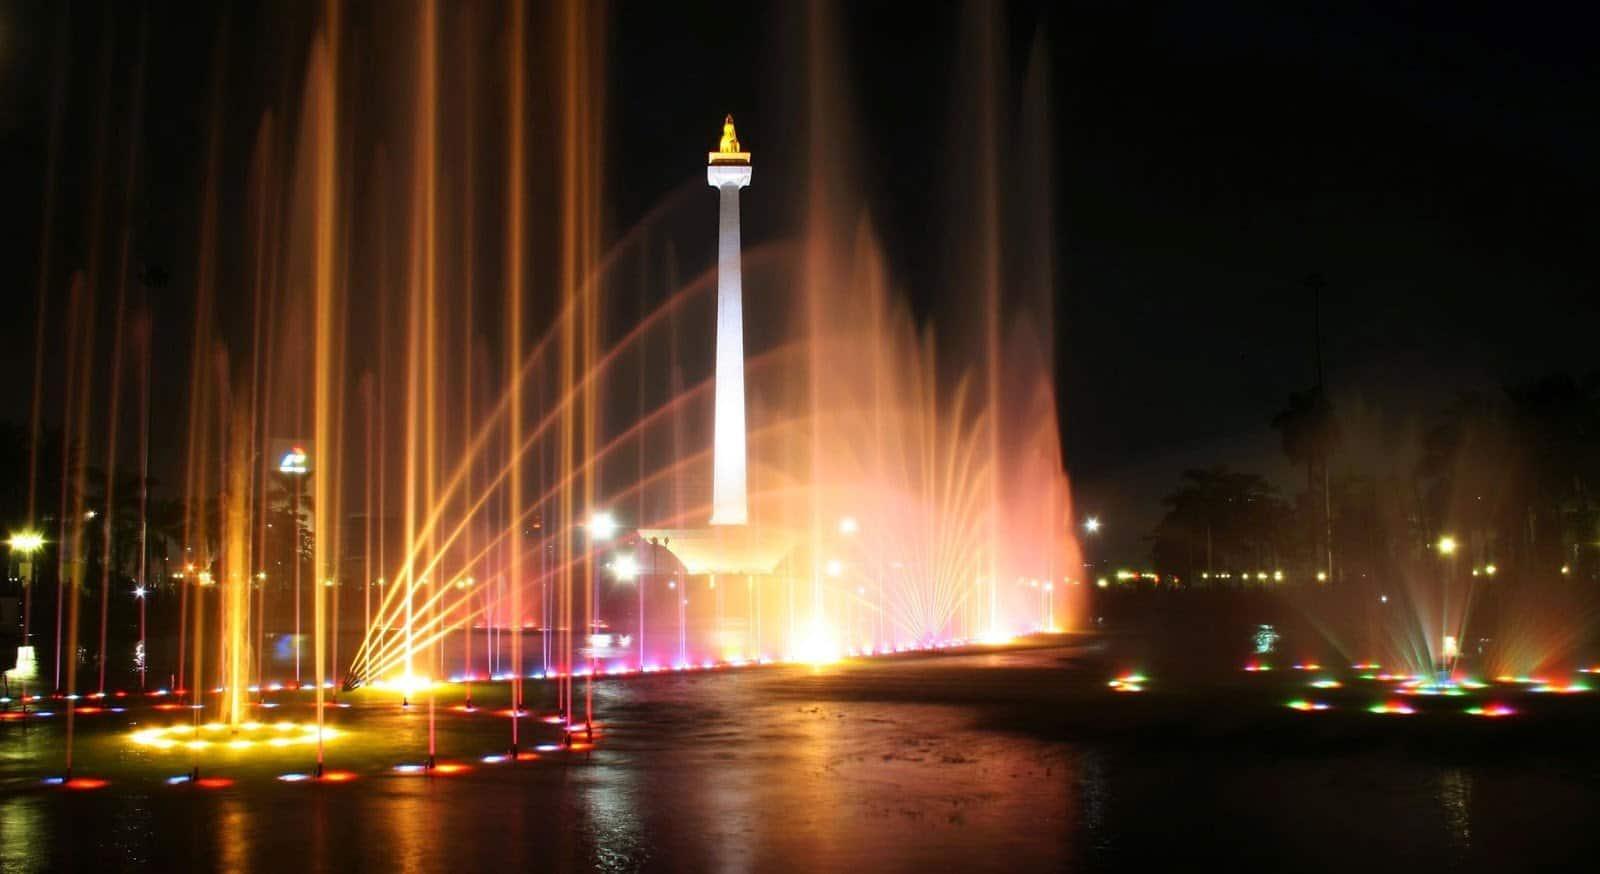 افضل 4 انشطة عند برج موناس جاكرتا اندونيسيا